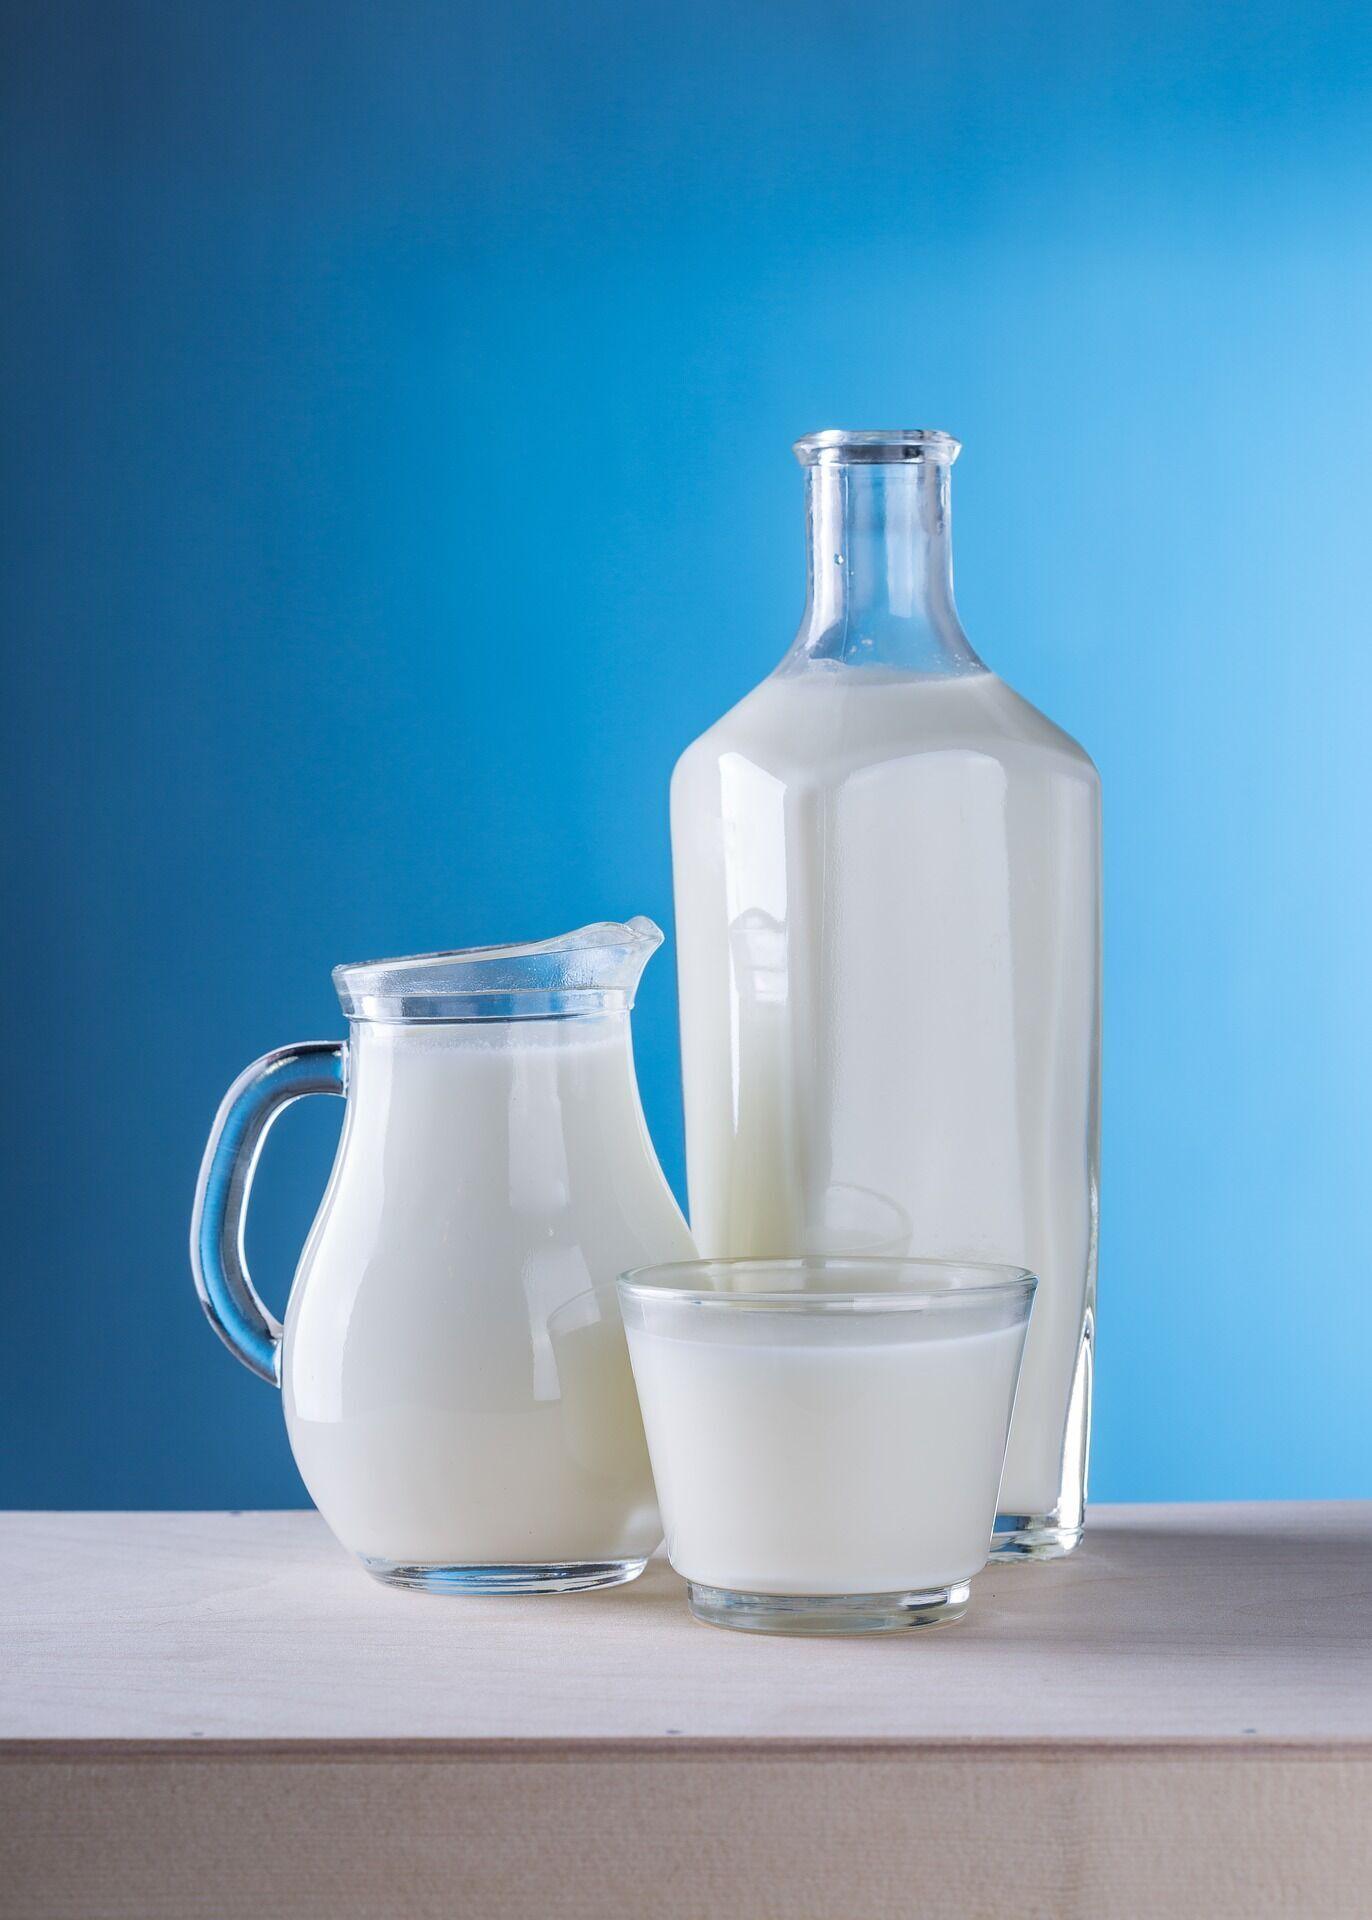 Молоко должно быть свежим